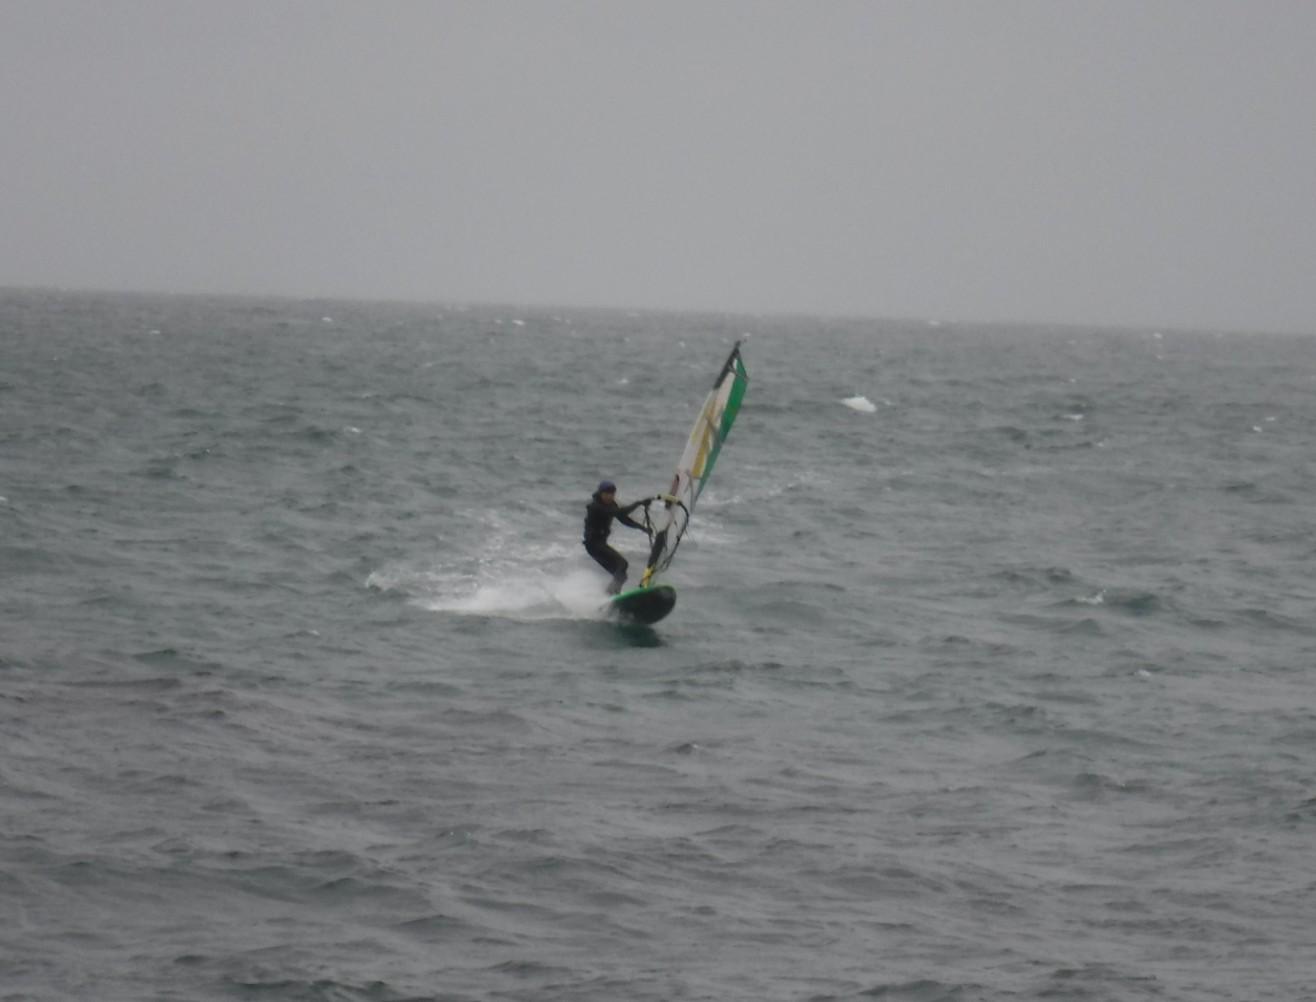 Dscf0548